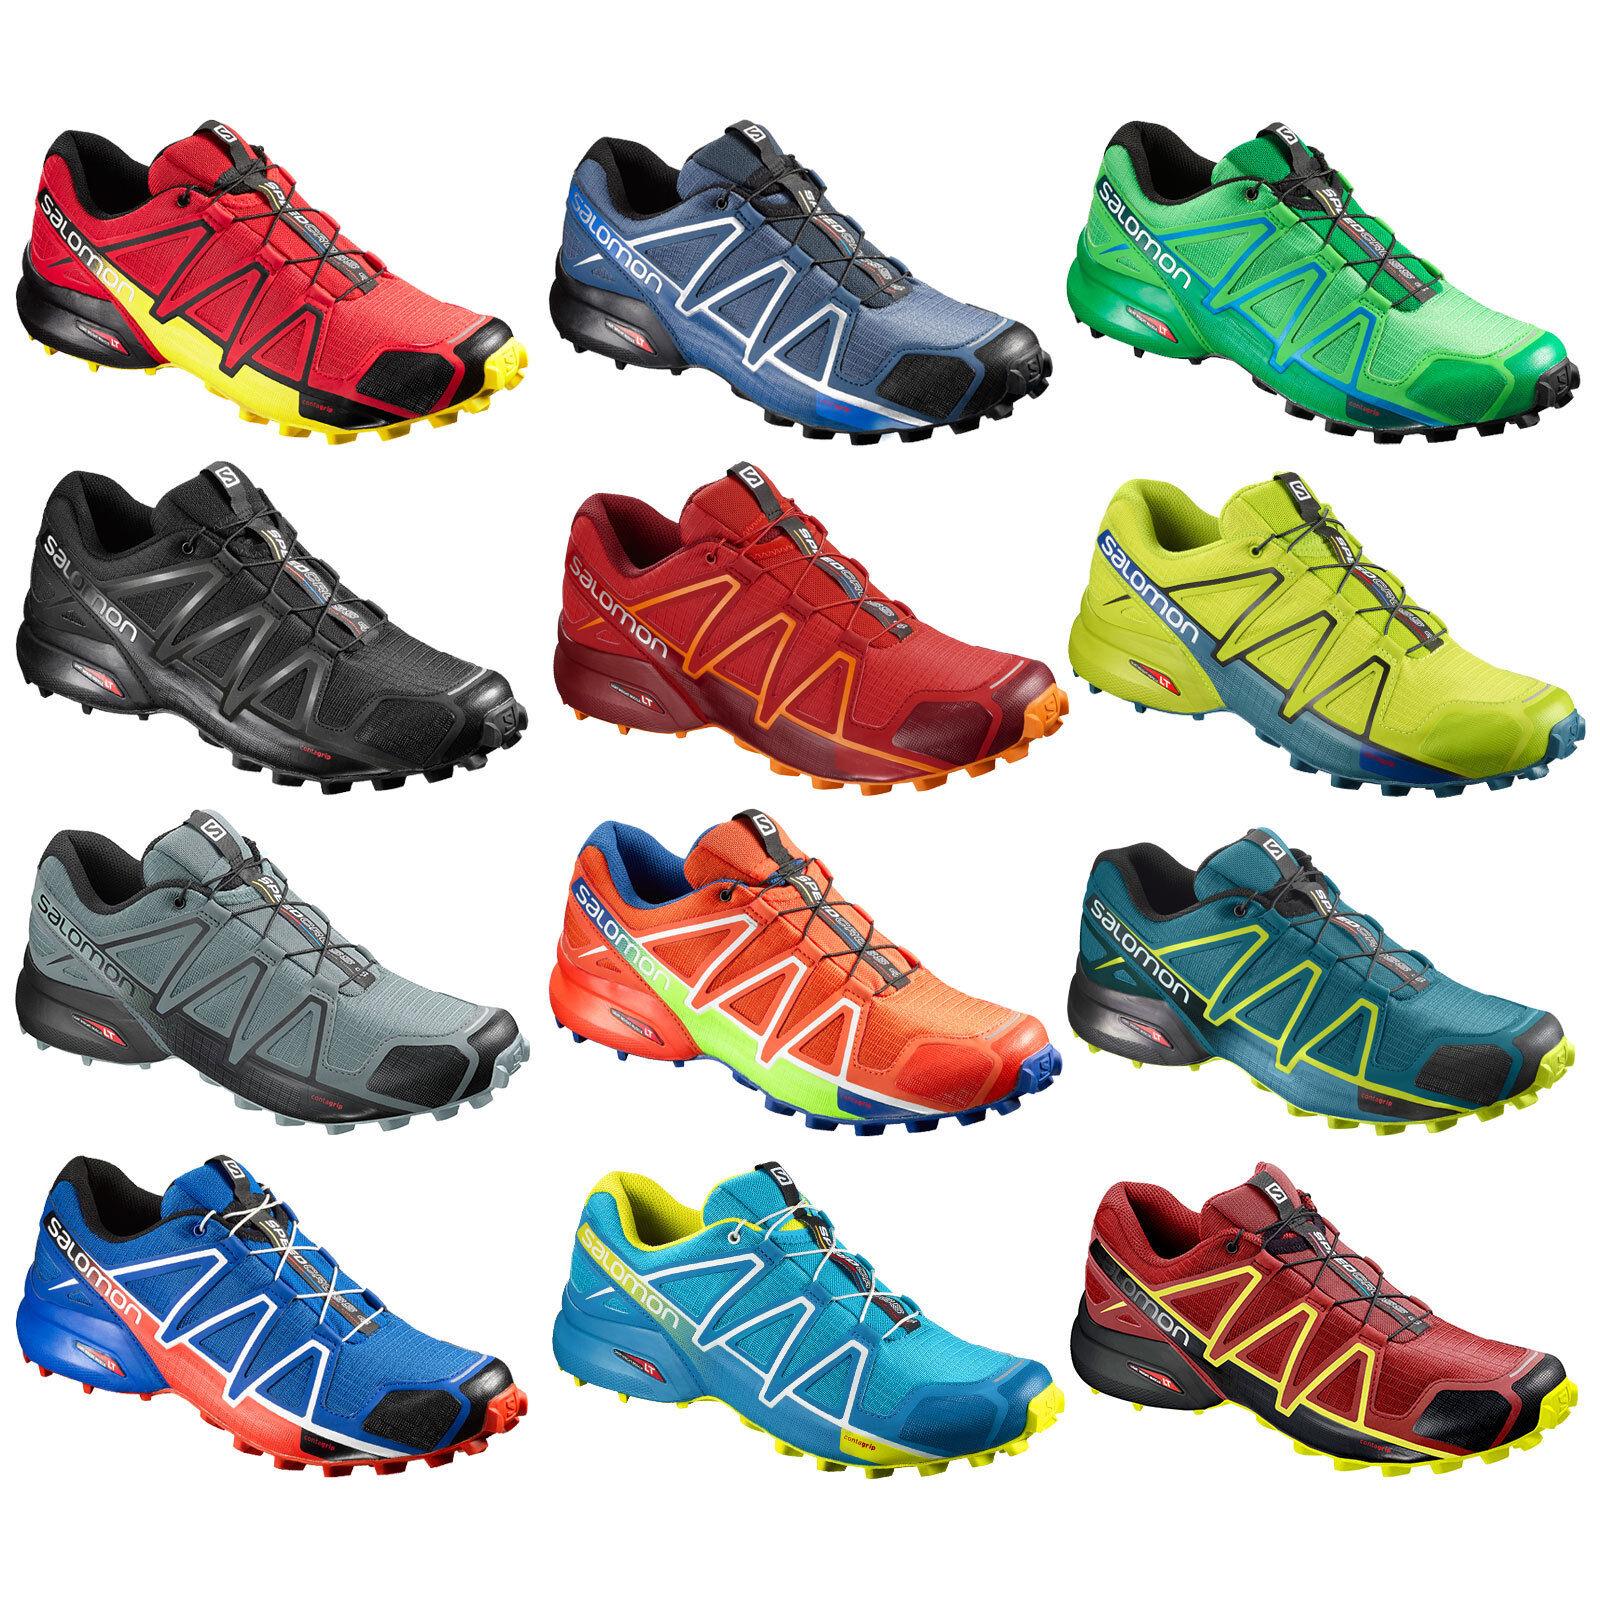 Cross Schuhe Herren Vergleich Test +++ Cross Schuhe Herren